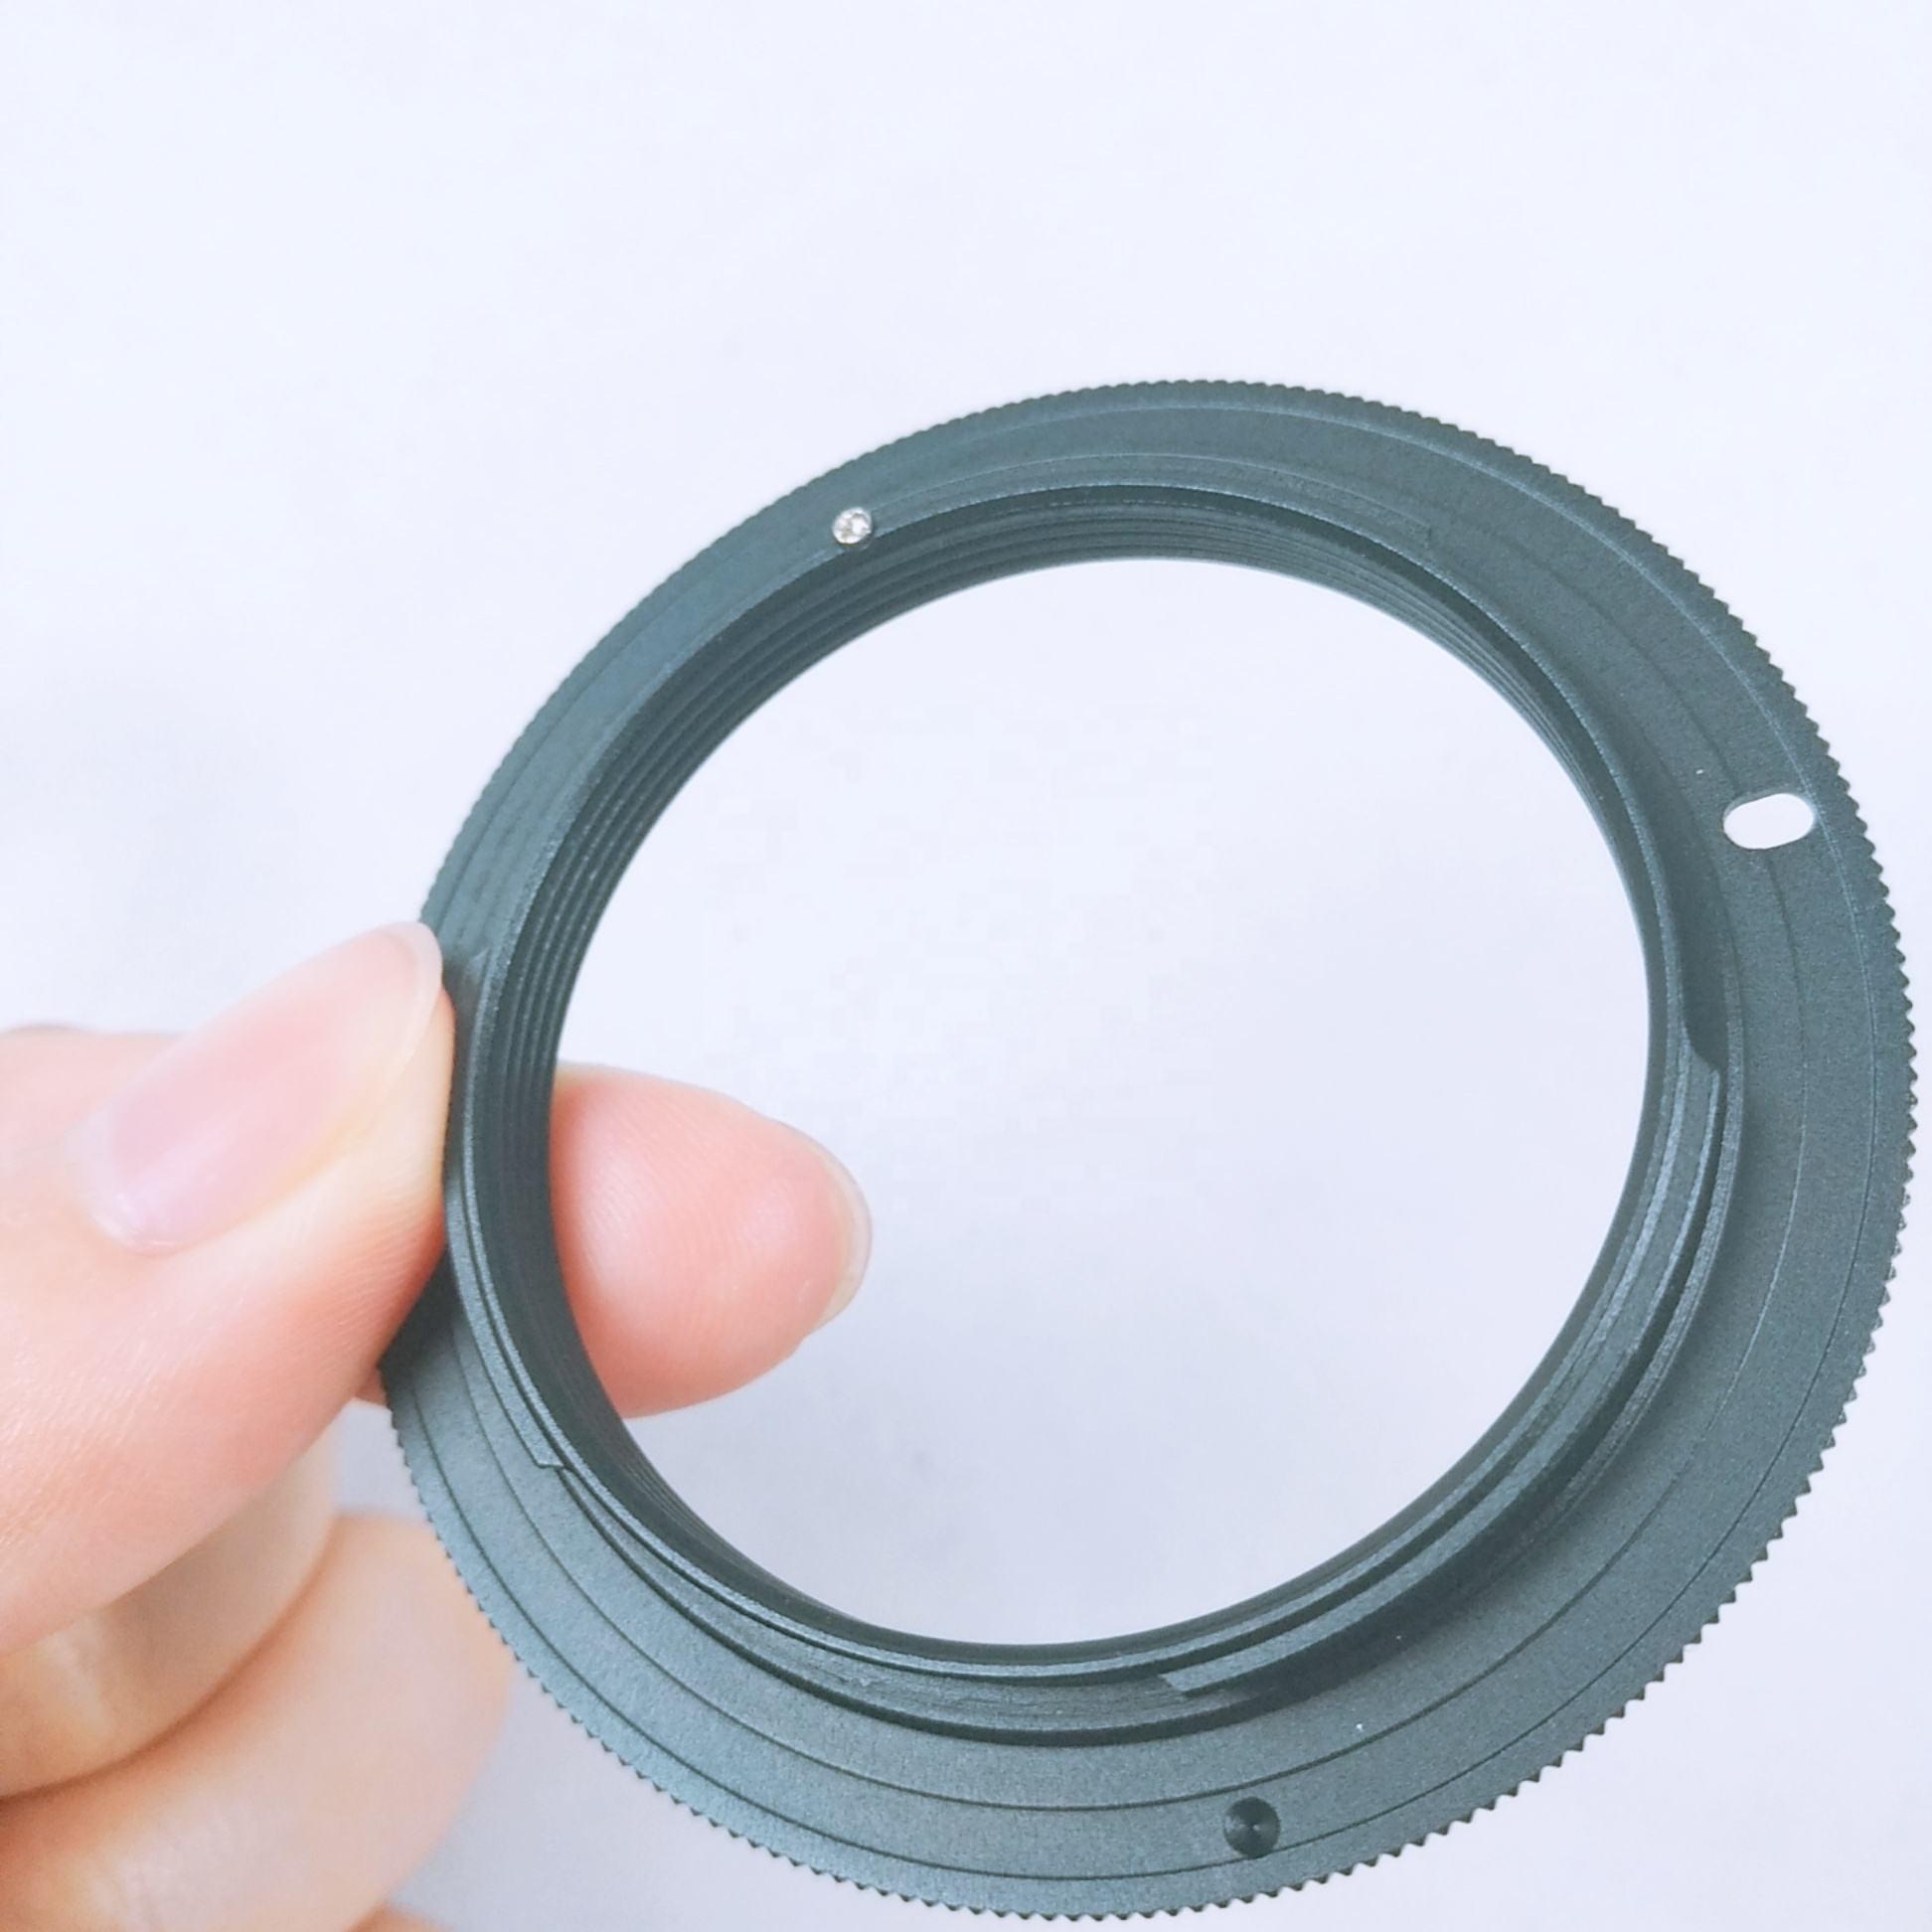 зачем нужны переходные кольца фотоаппарат вот, эти